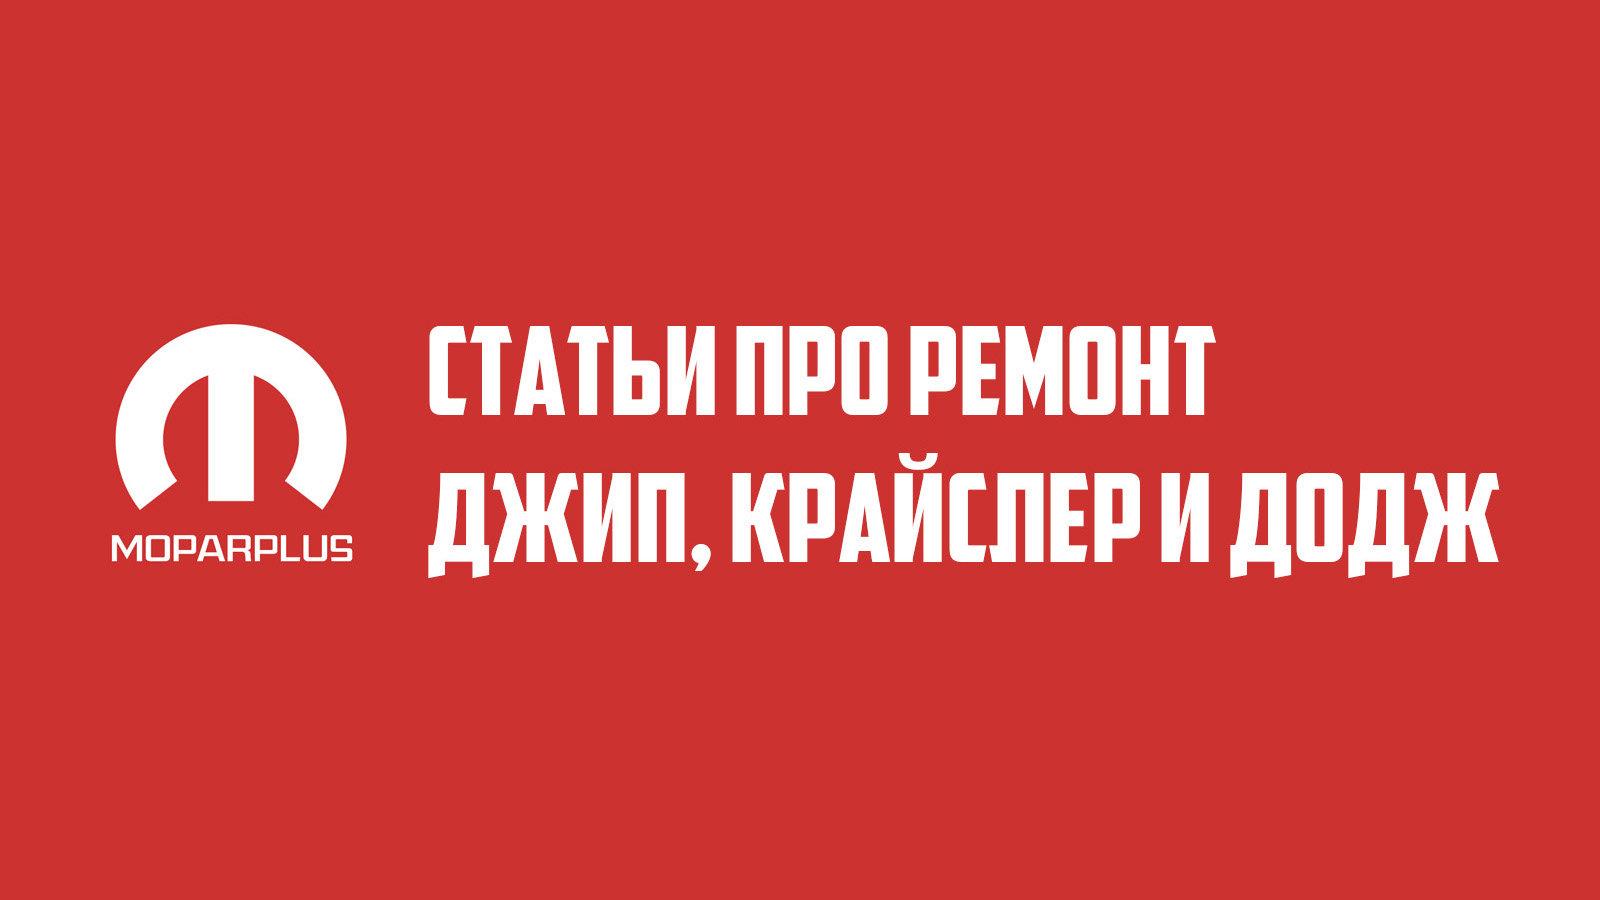 Статьи про ремонт. Выпуск №52.